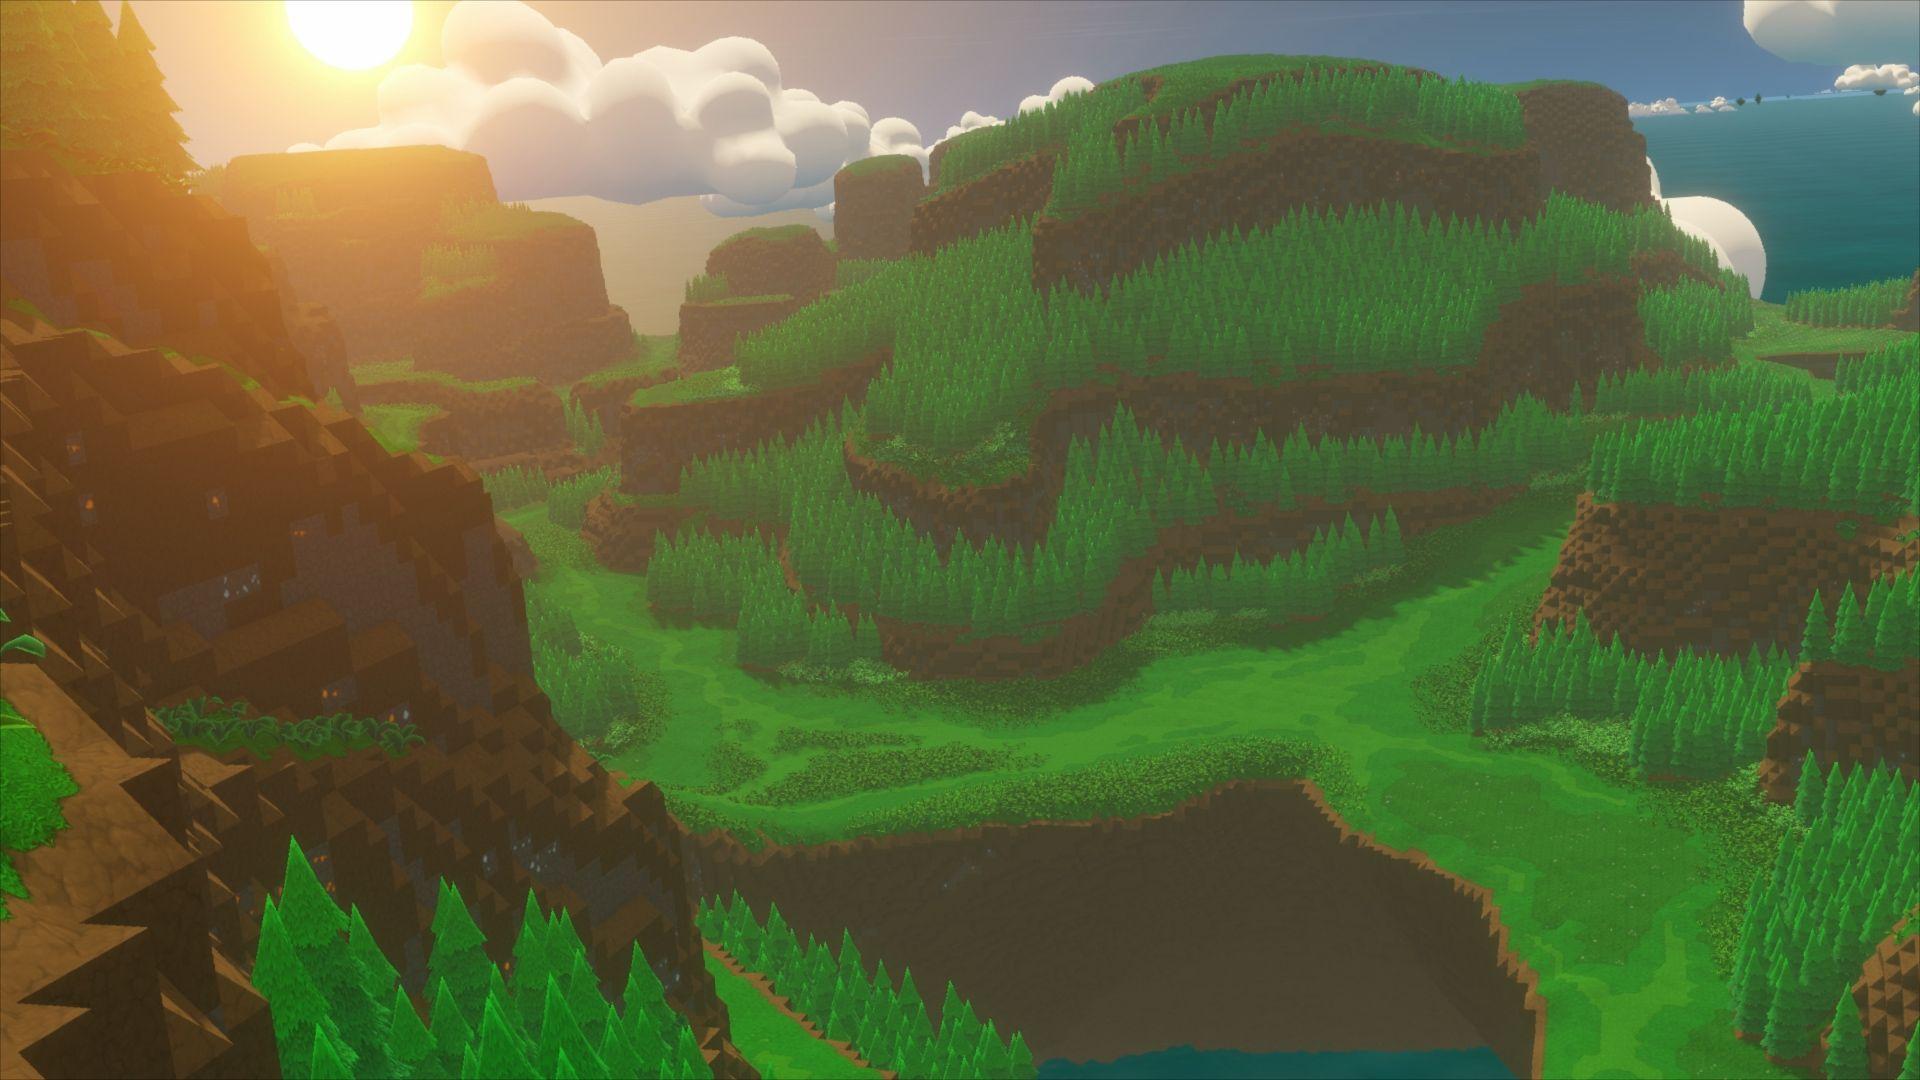 5-gier-podobnych-do-minecraft-castle-story-1.jpg